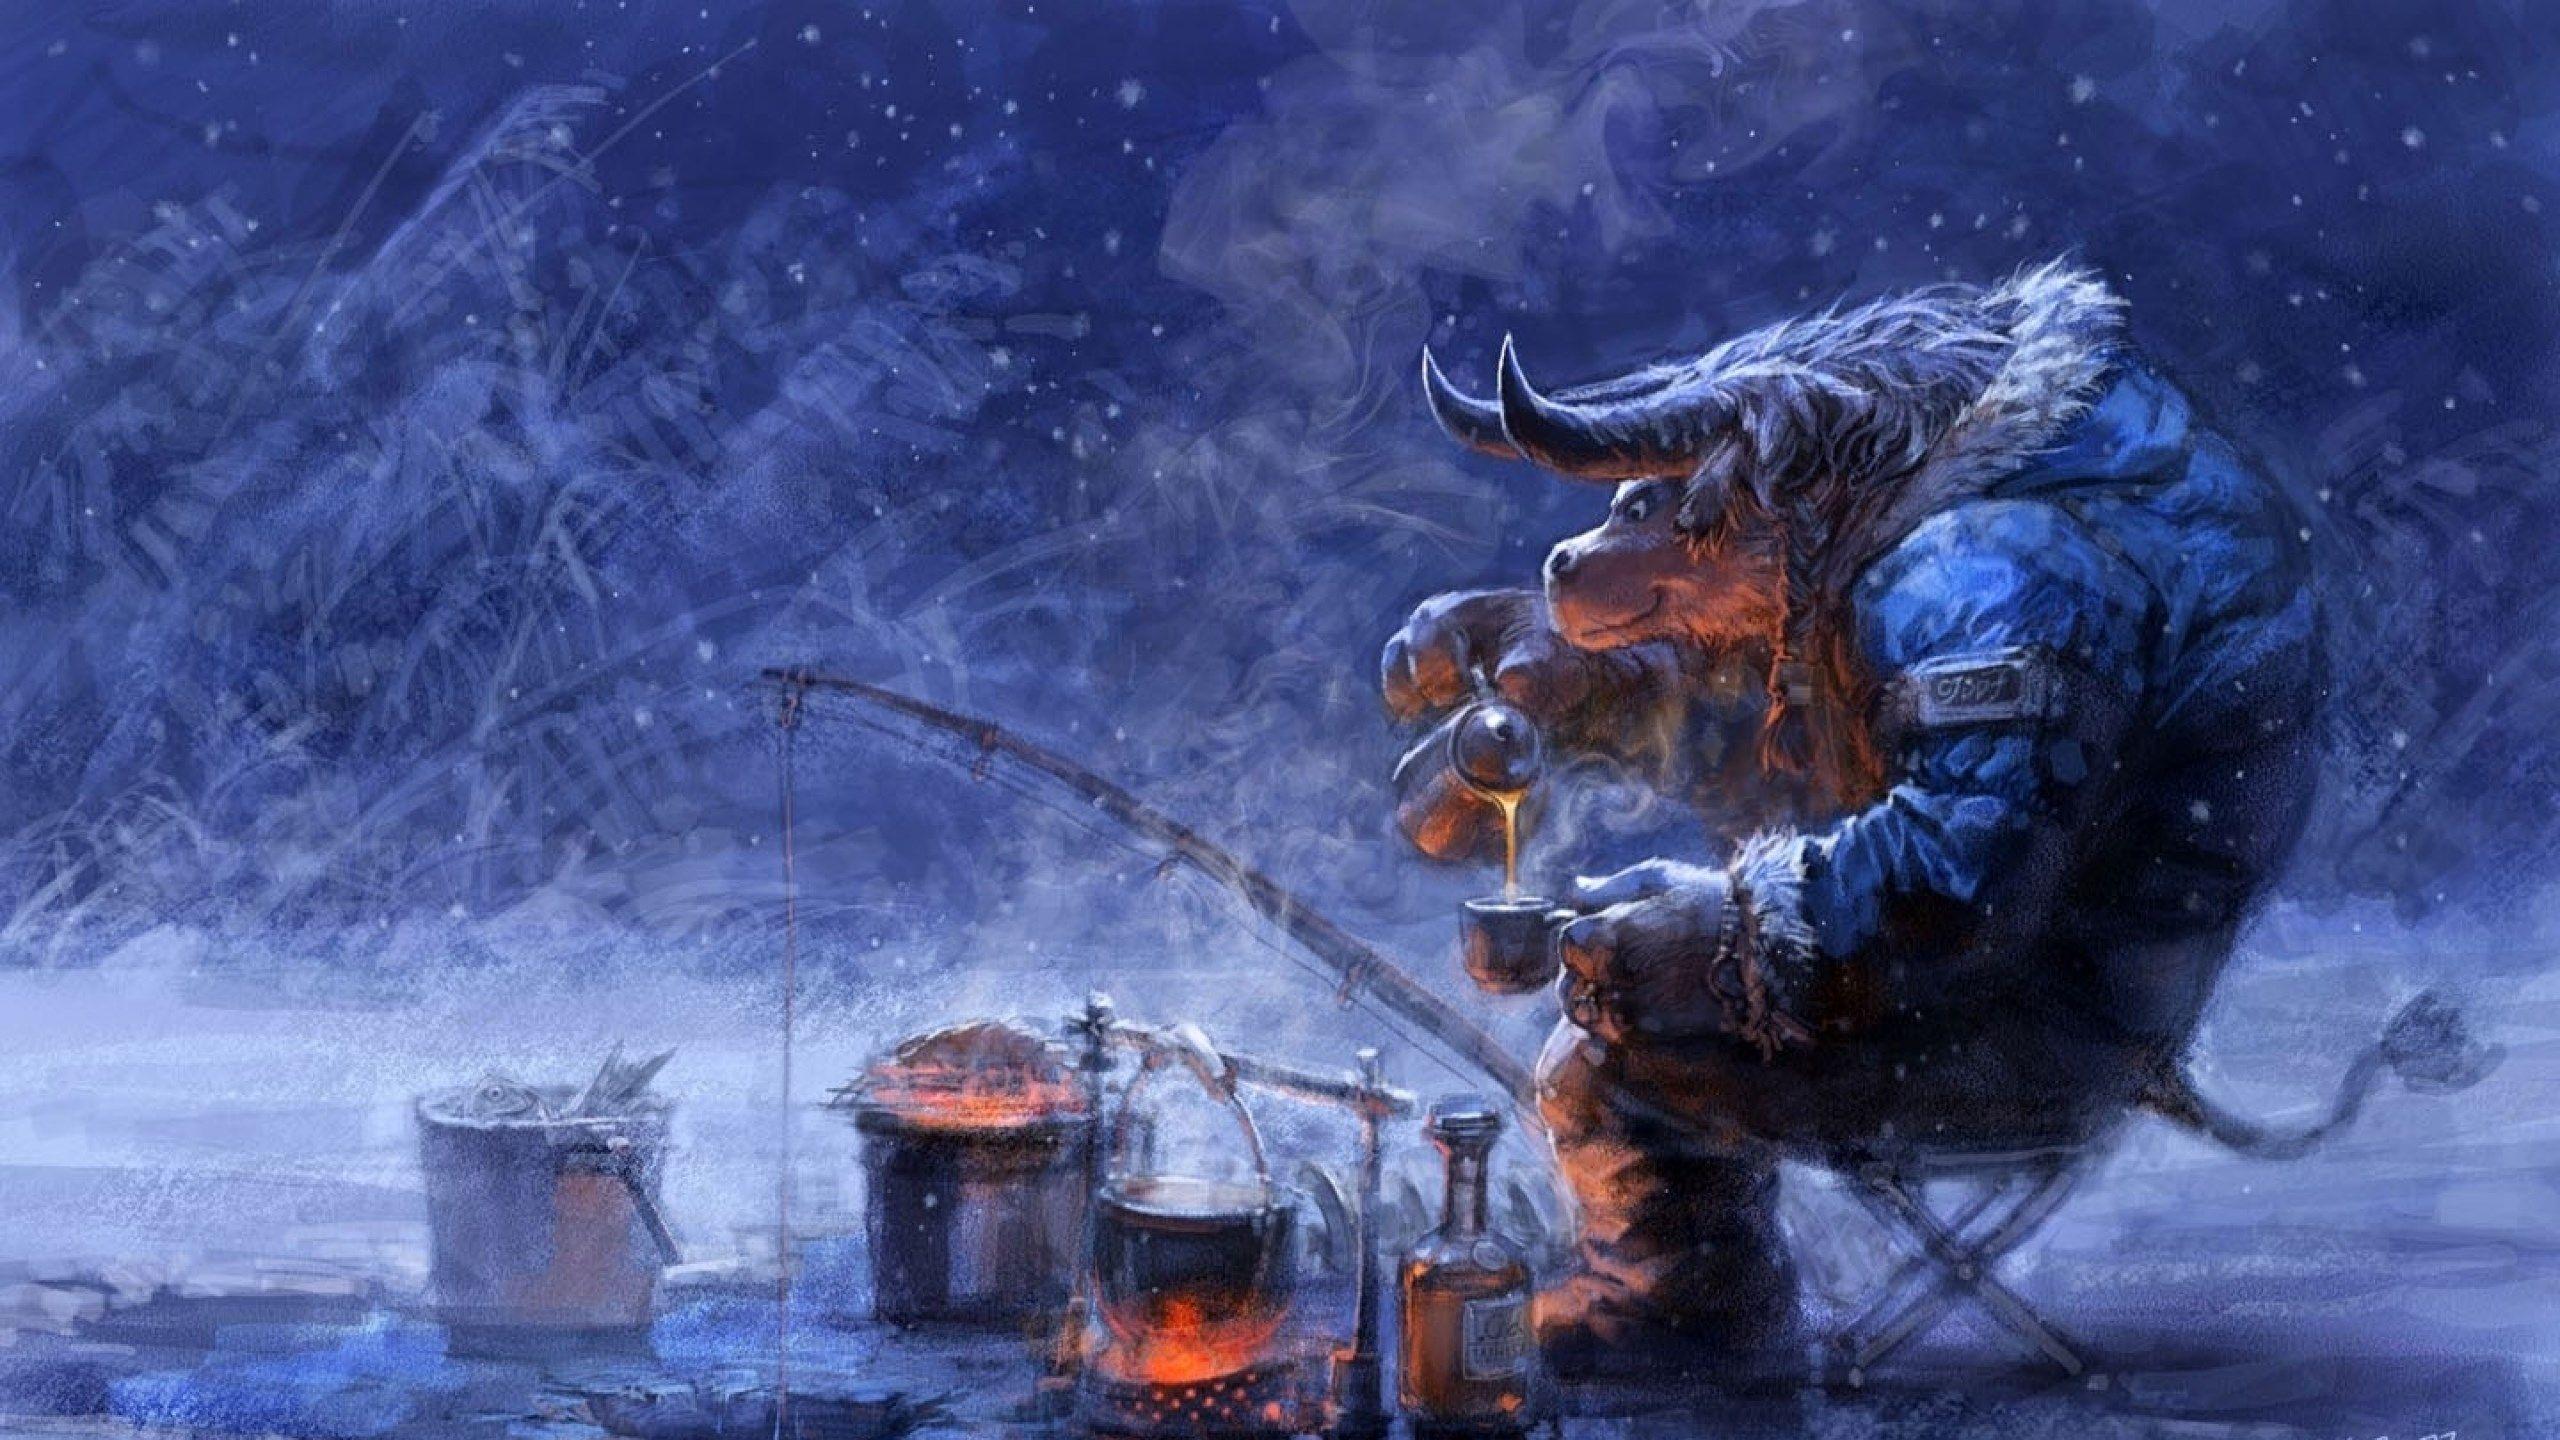 2560x1440 Widescreen Wallpaper World Of Warcraft World Of